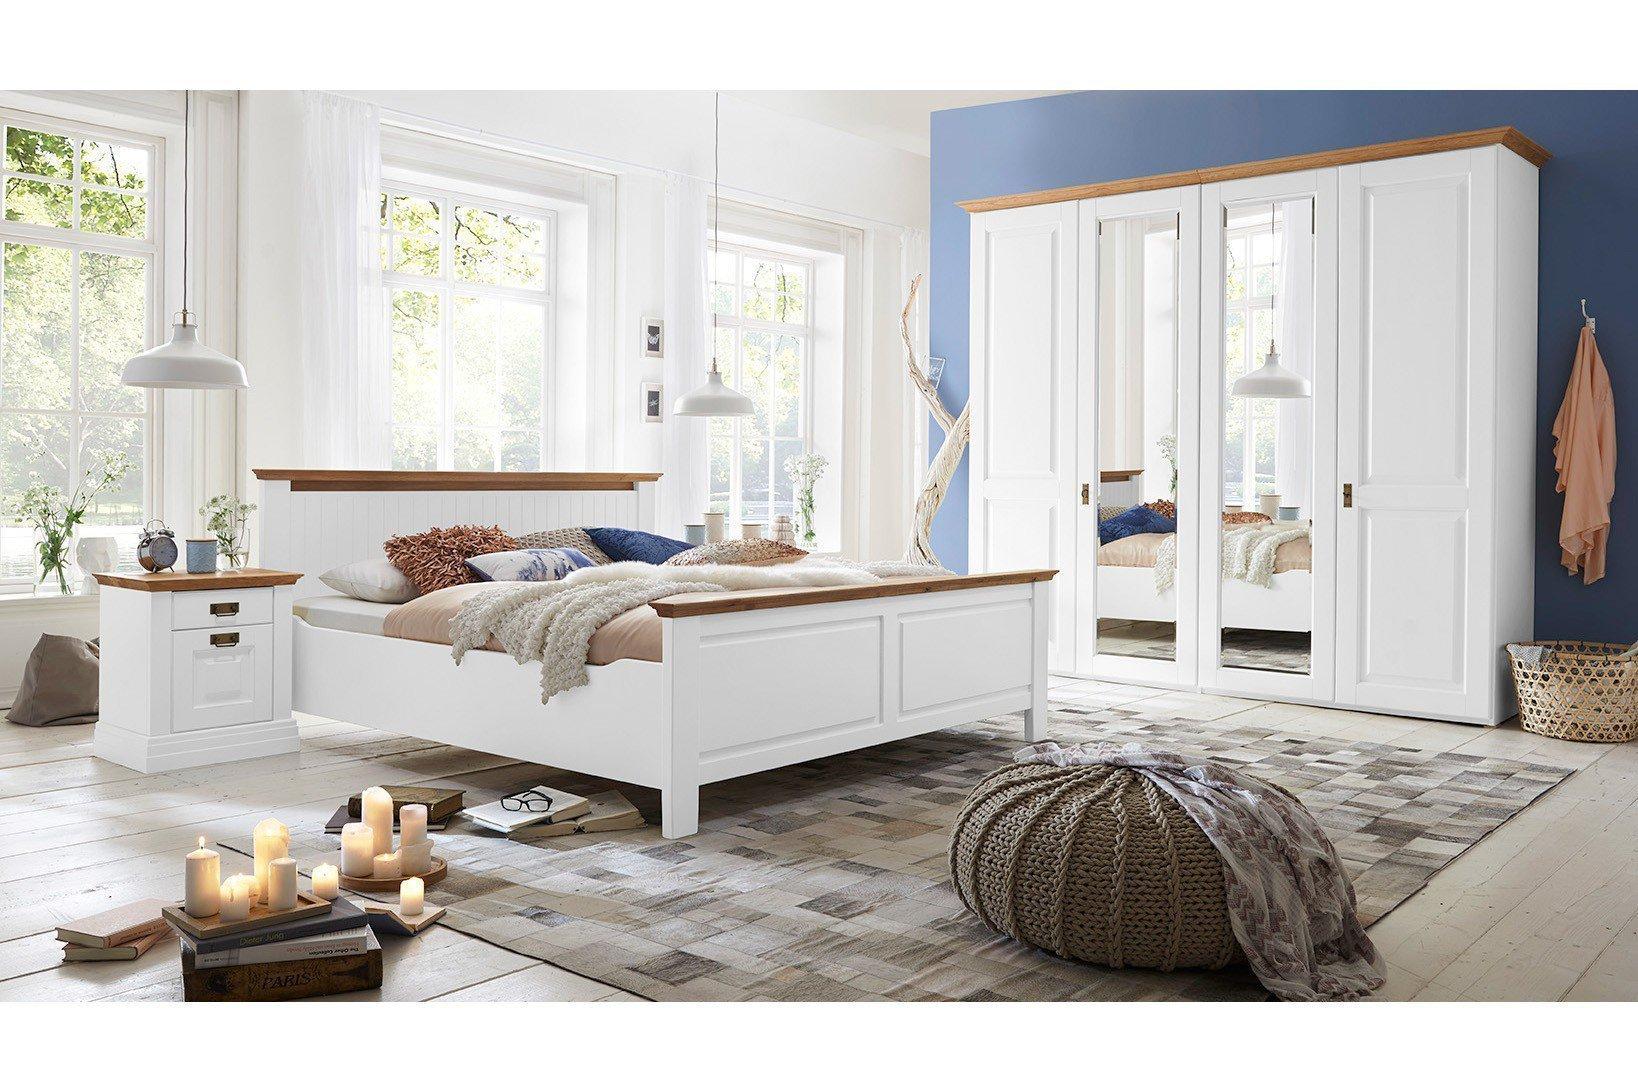 schlafzimmer set 160 fototapete schlafzimmer mit schr ge baby bettdecken test lattenroste. Black Bedroom Furniture Sets. Home Design Ideas